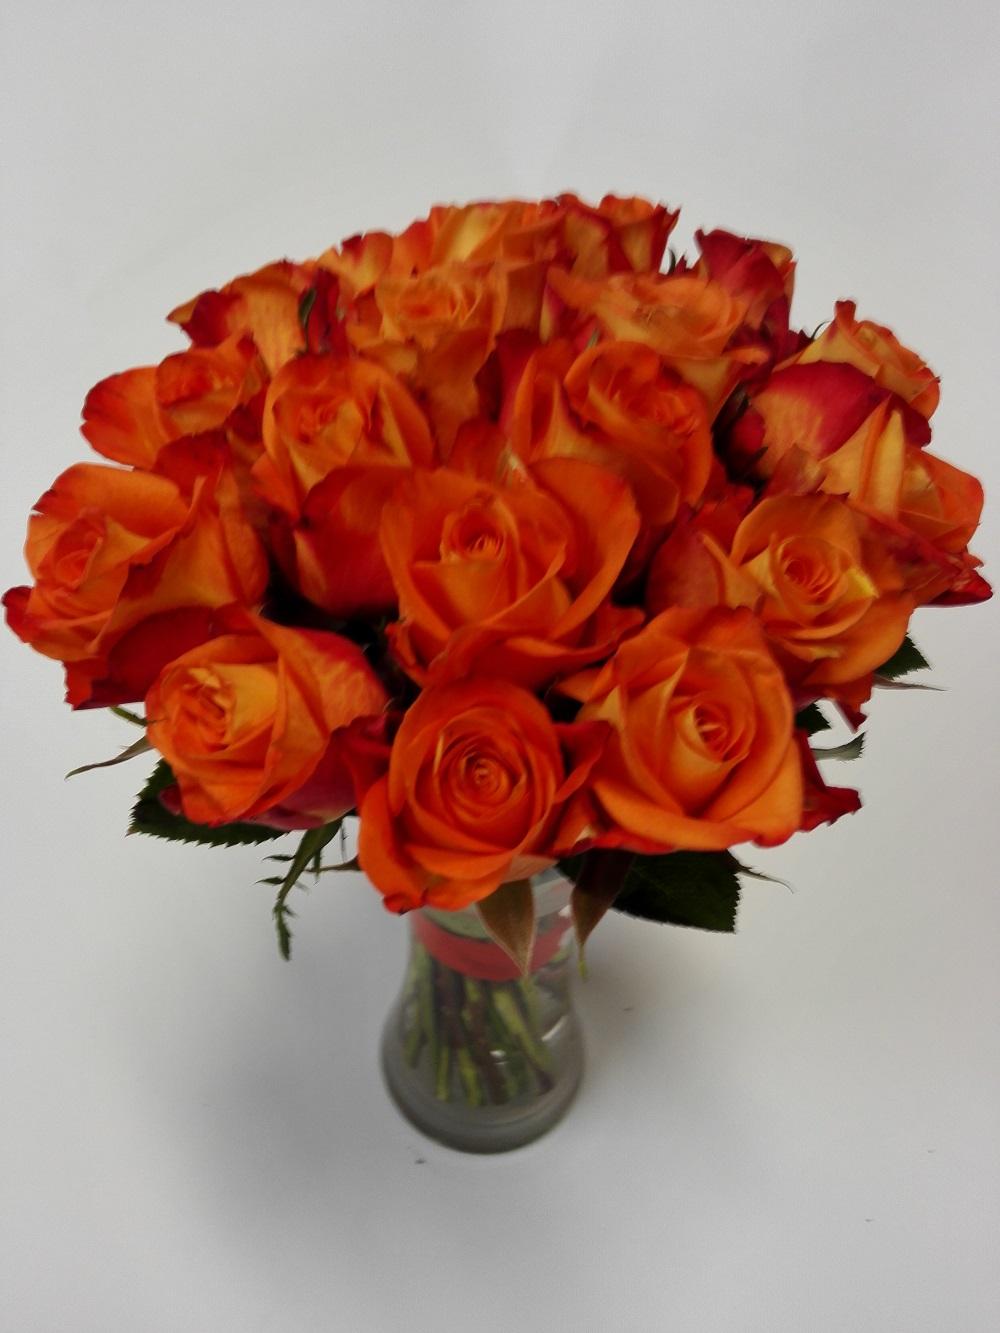 růže oranžové 18 ks doručení květin Olomouc a okolí